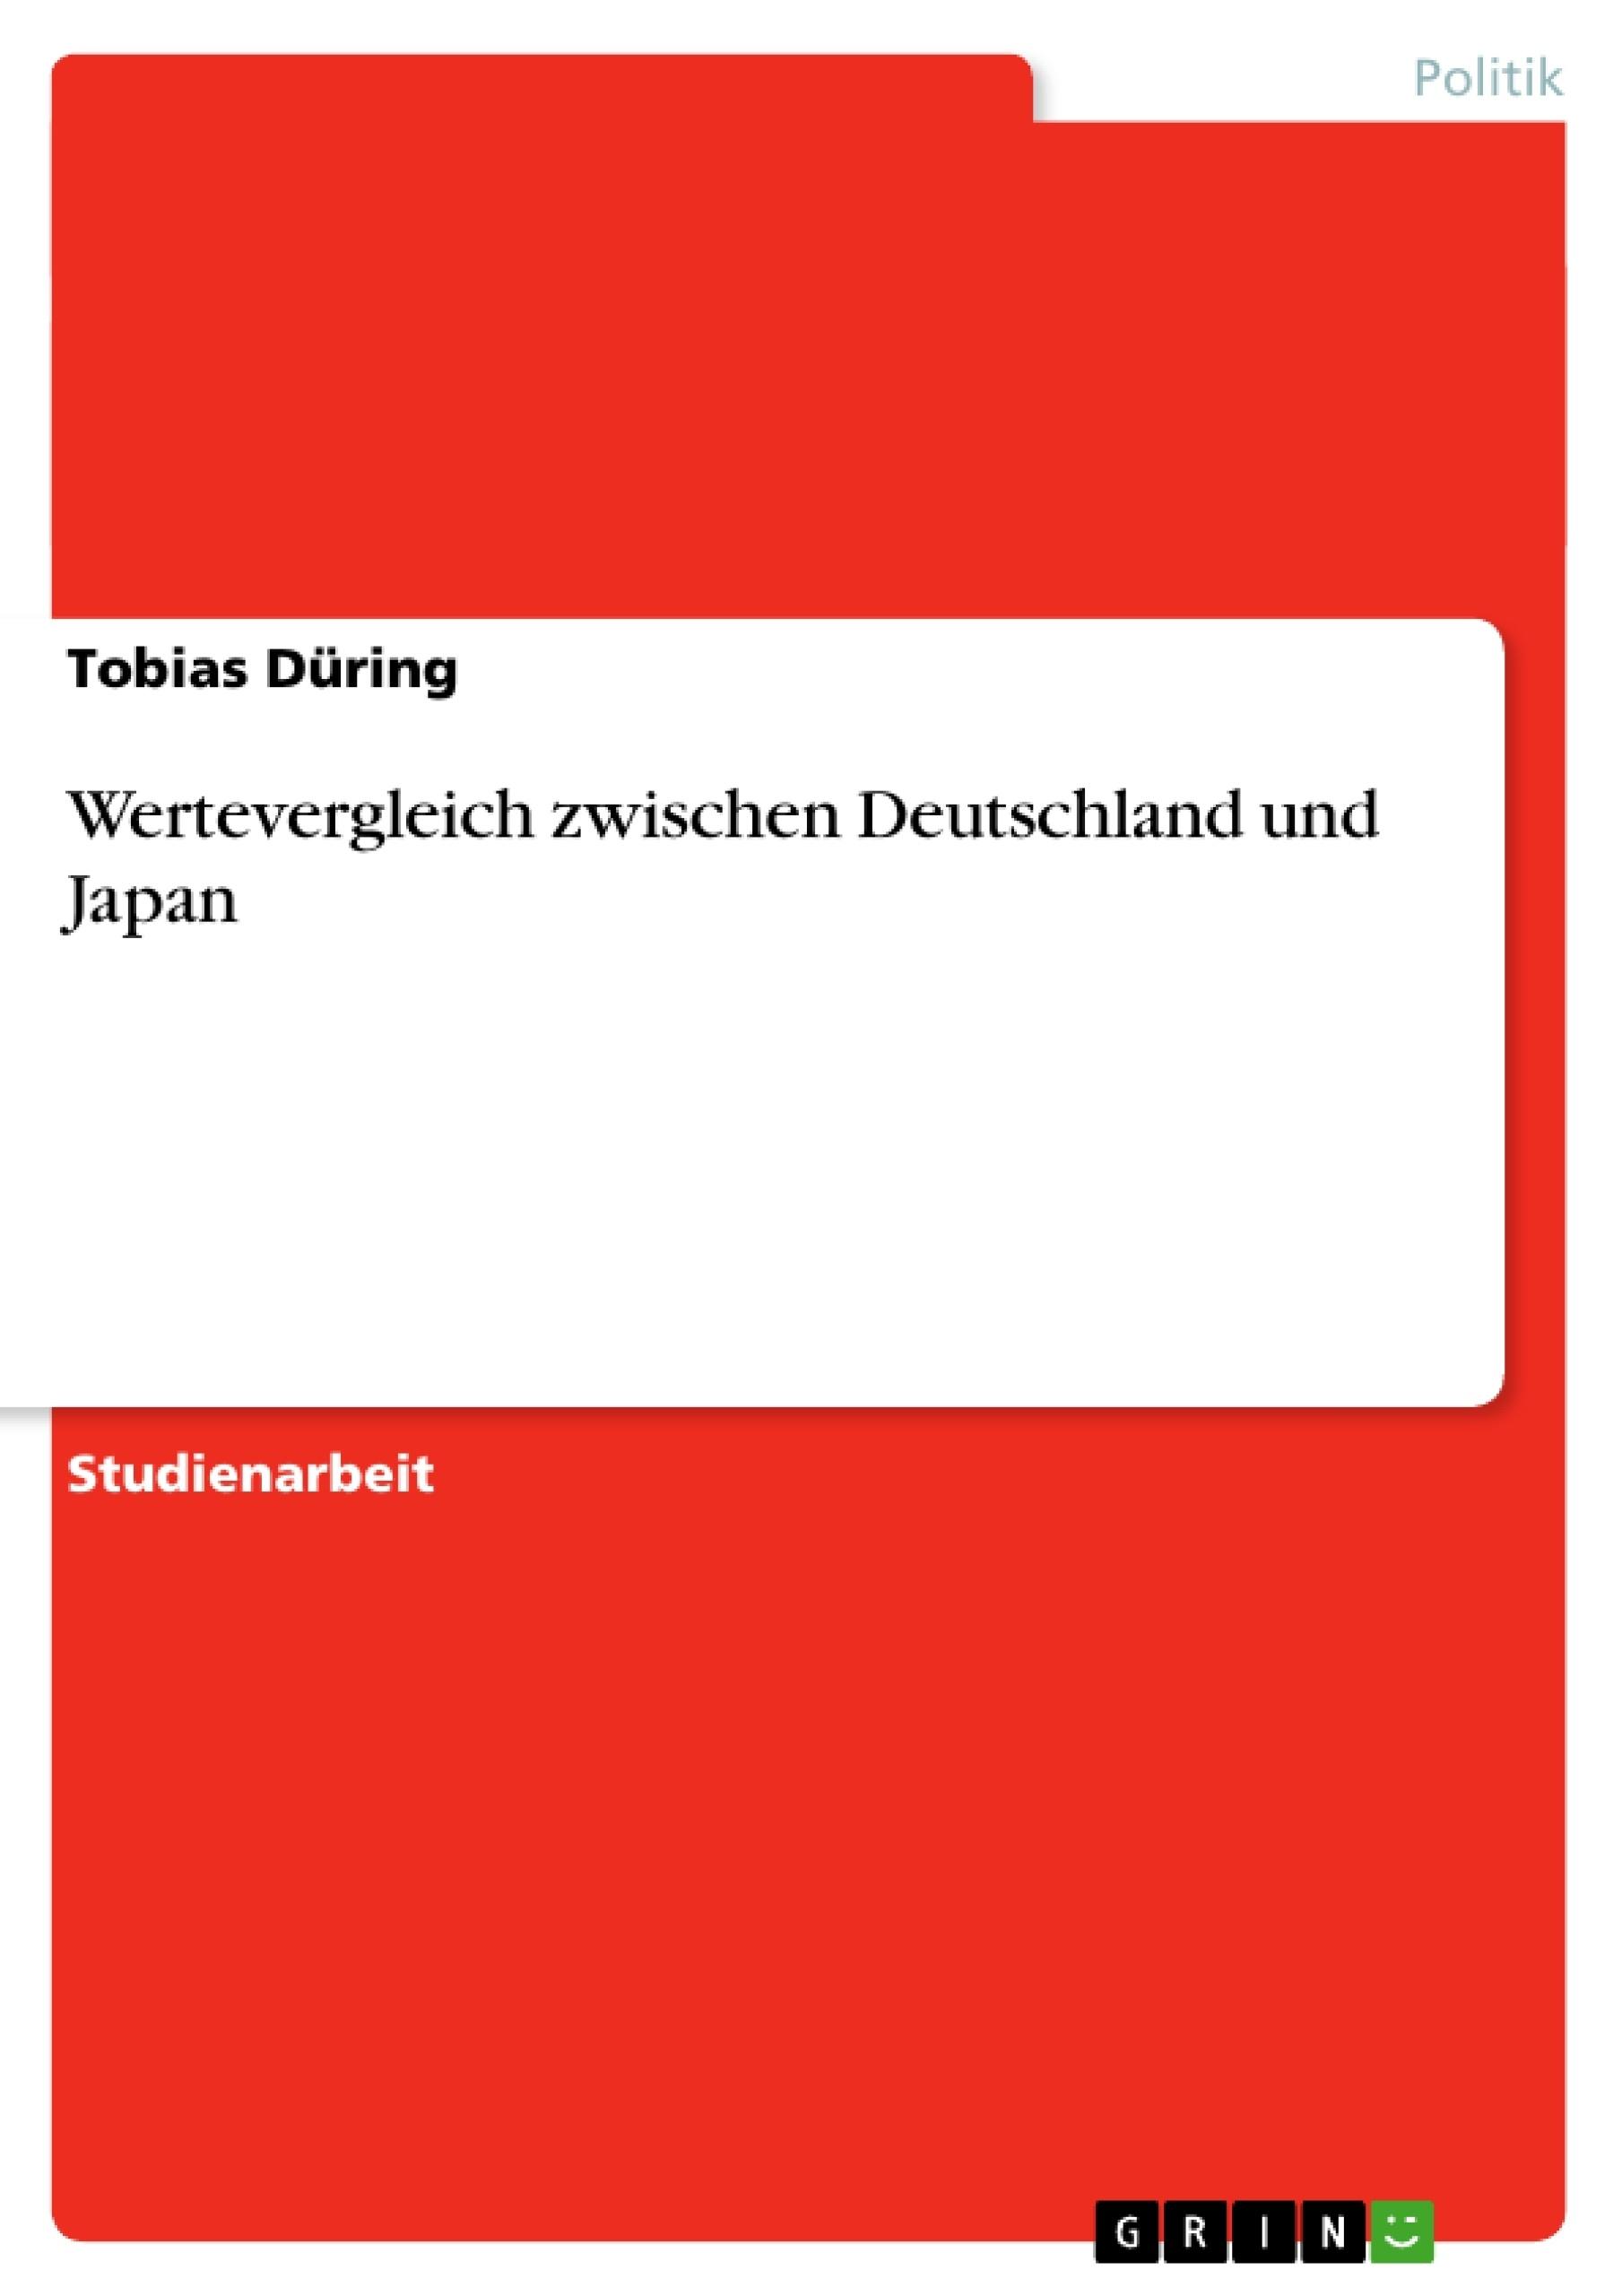 Titel: Wertevergleich zwischen Deutschland und Japan